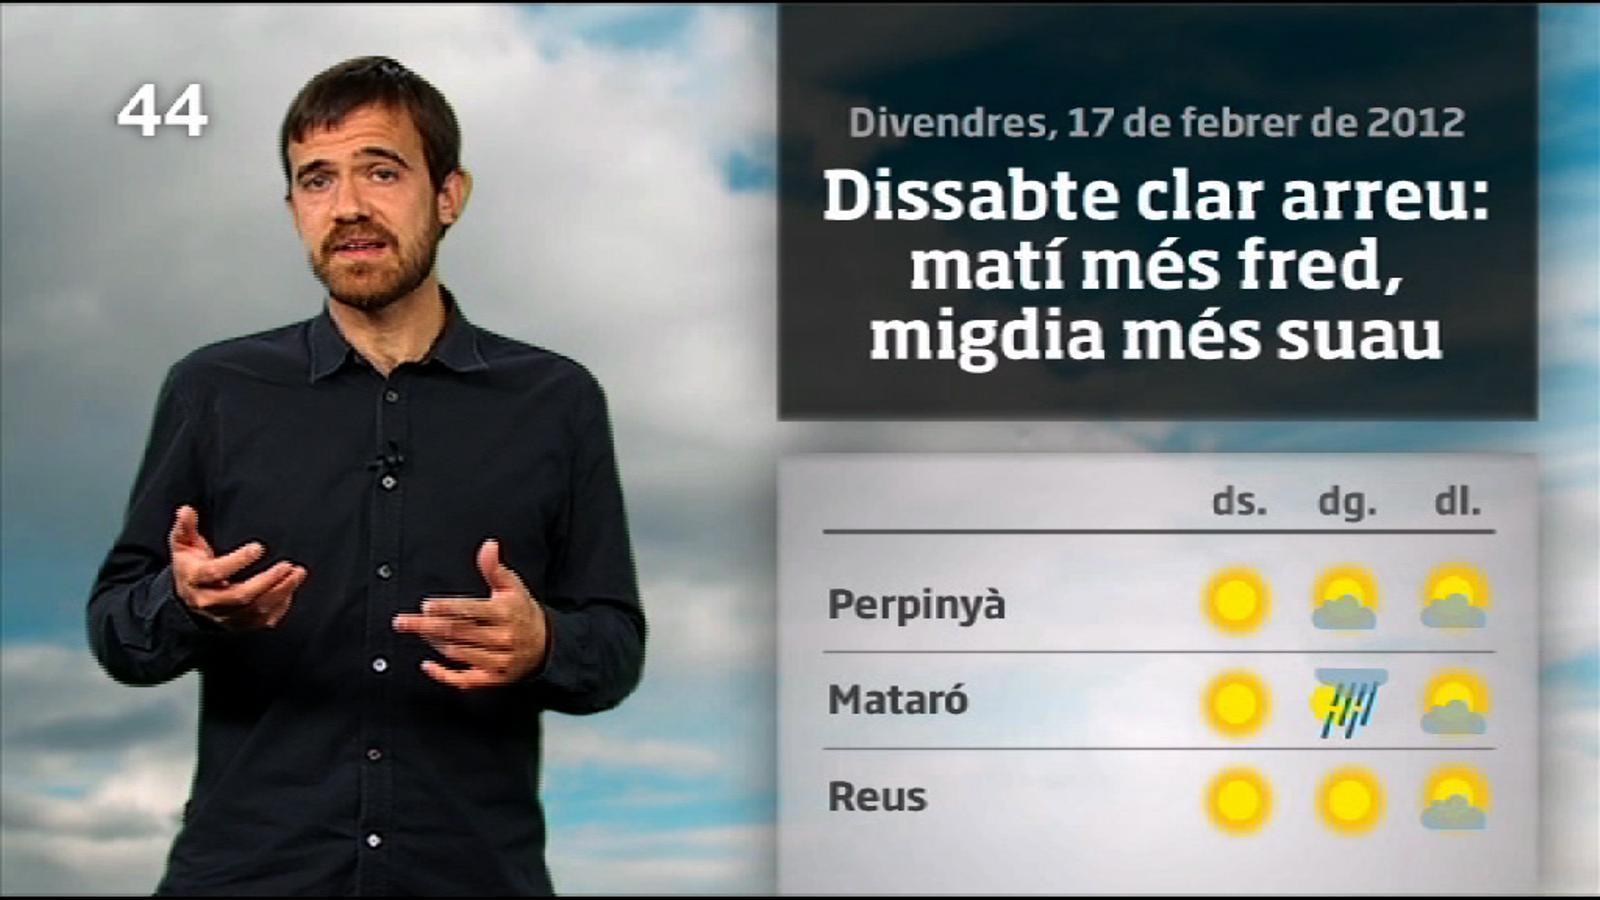 La méteo en 1 minut: cap de setmana amb sol i alguns xàfecs al final (18/02/12)